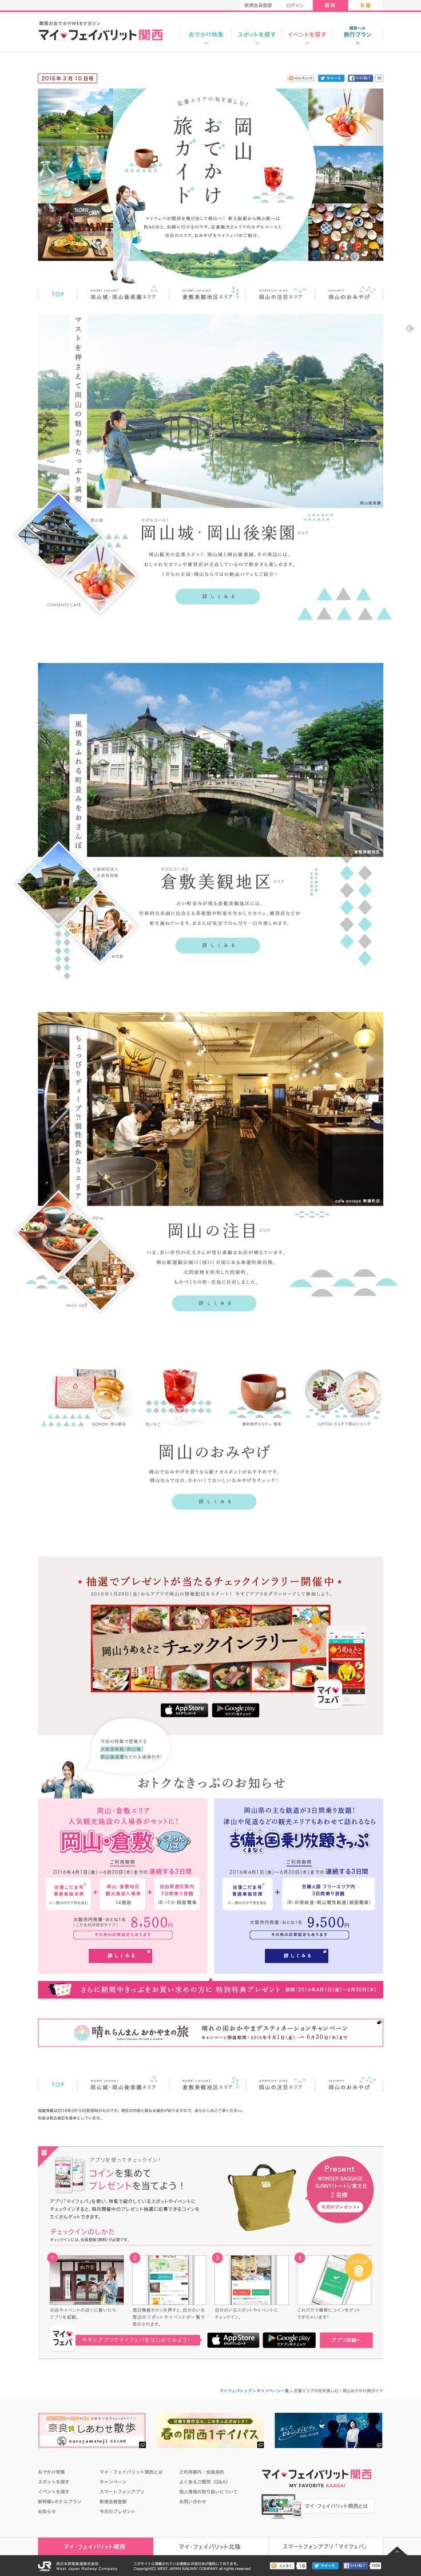 岡山おでかけ旅ガイド - マイフェバ関西